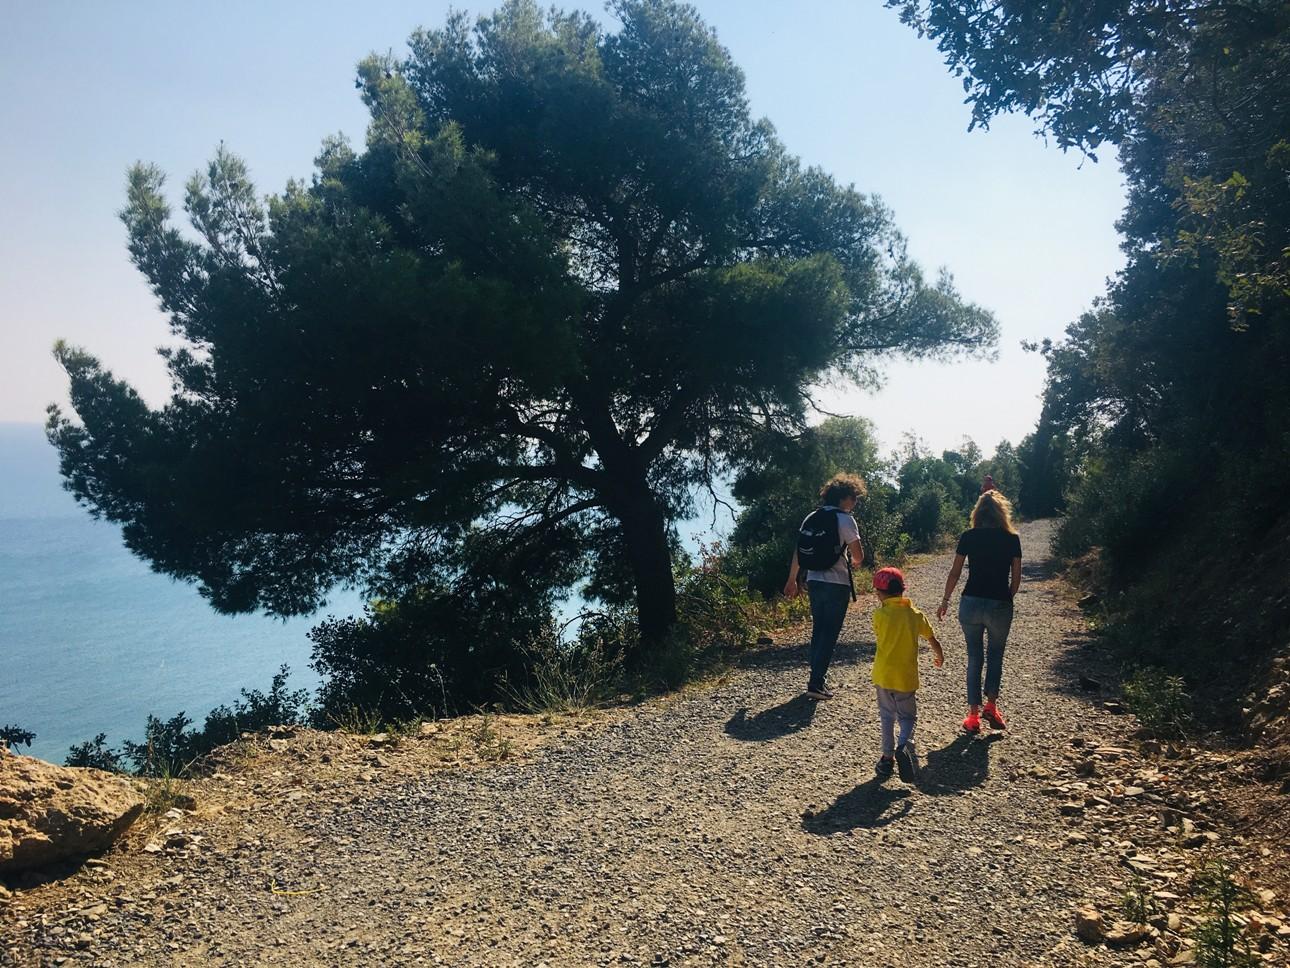 Die Via Iulia Augusta: eine Wanderung in der Geschichte